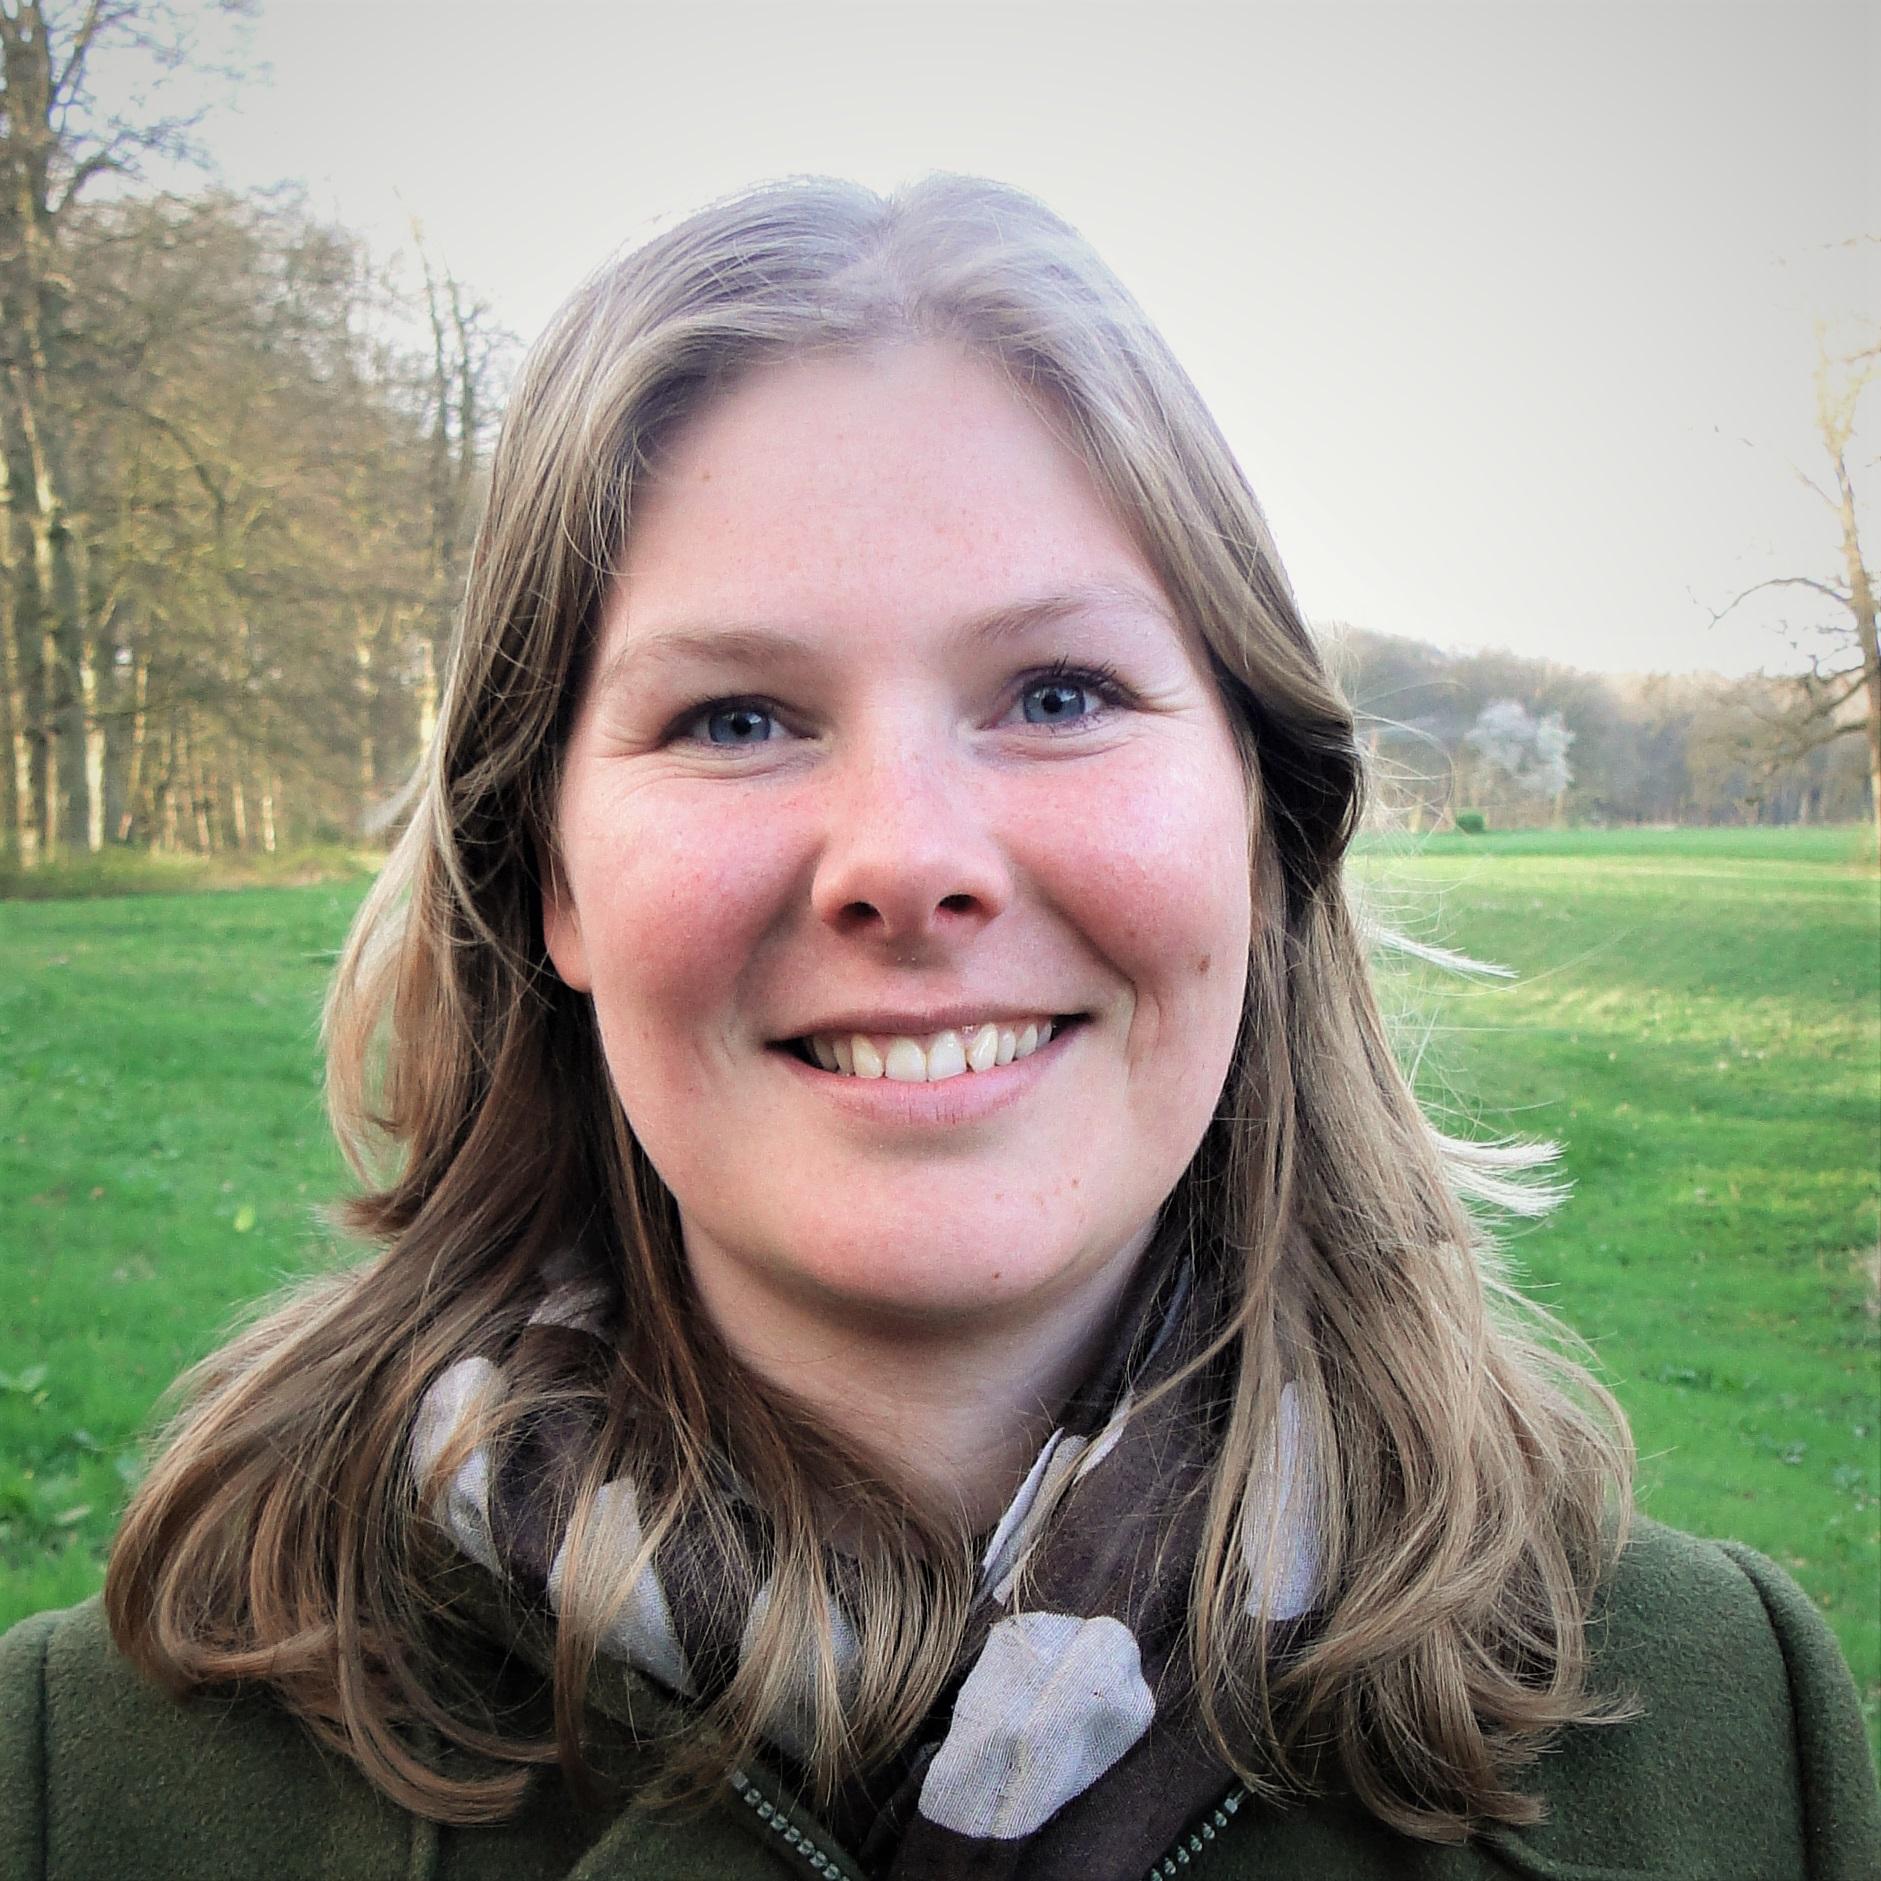 Daphne Meuwese